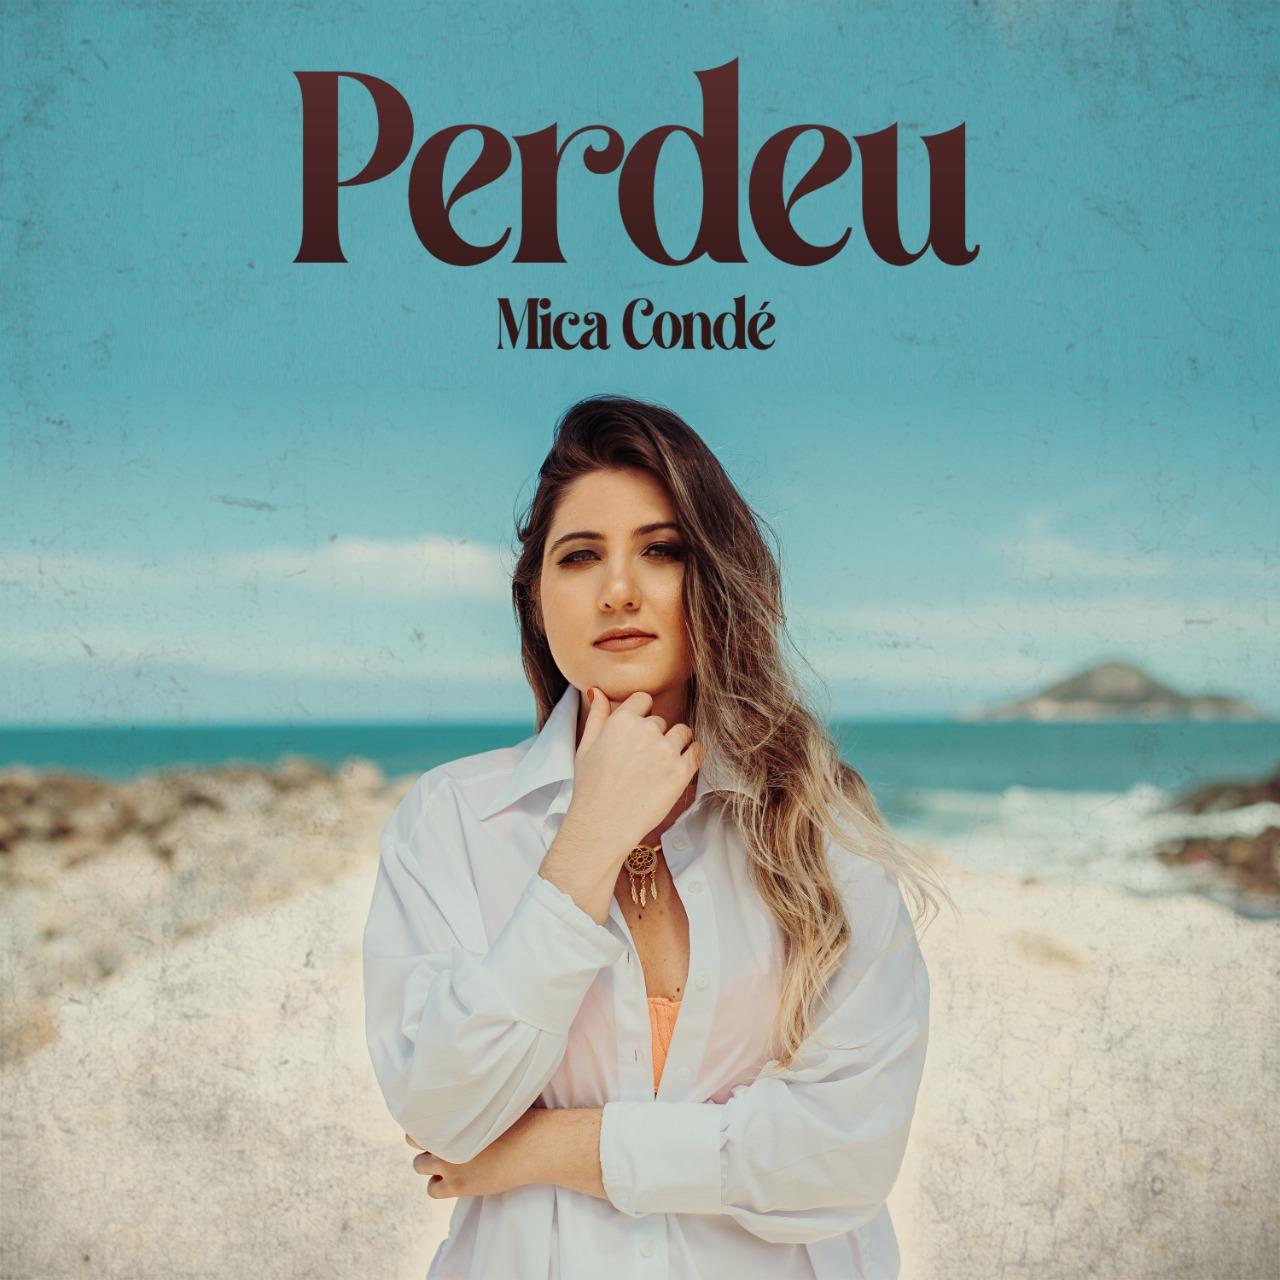 """Em nova fase de carreira, cantora Mica Condé divulga capa de seu novo lançamento """"Perdeu"""""""